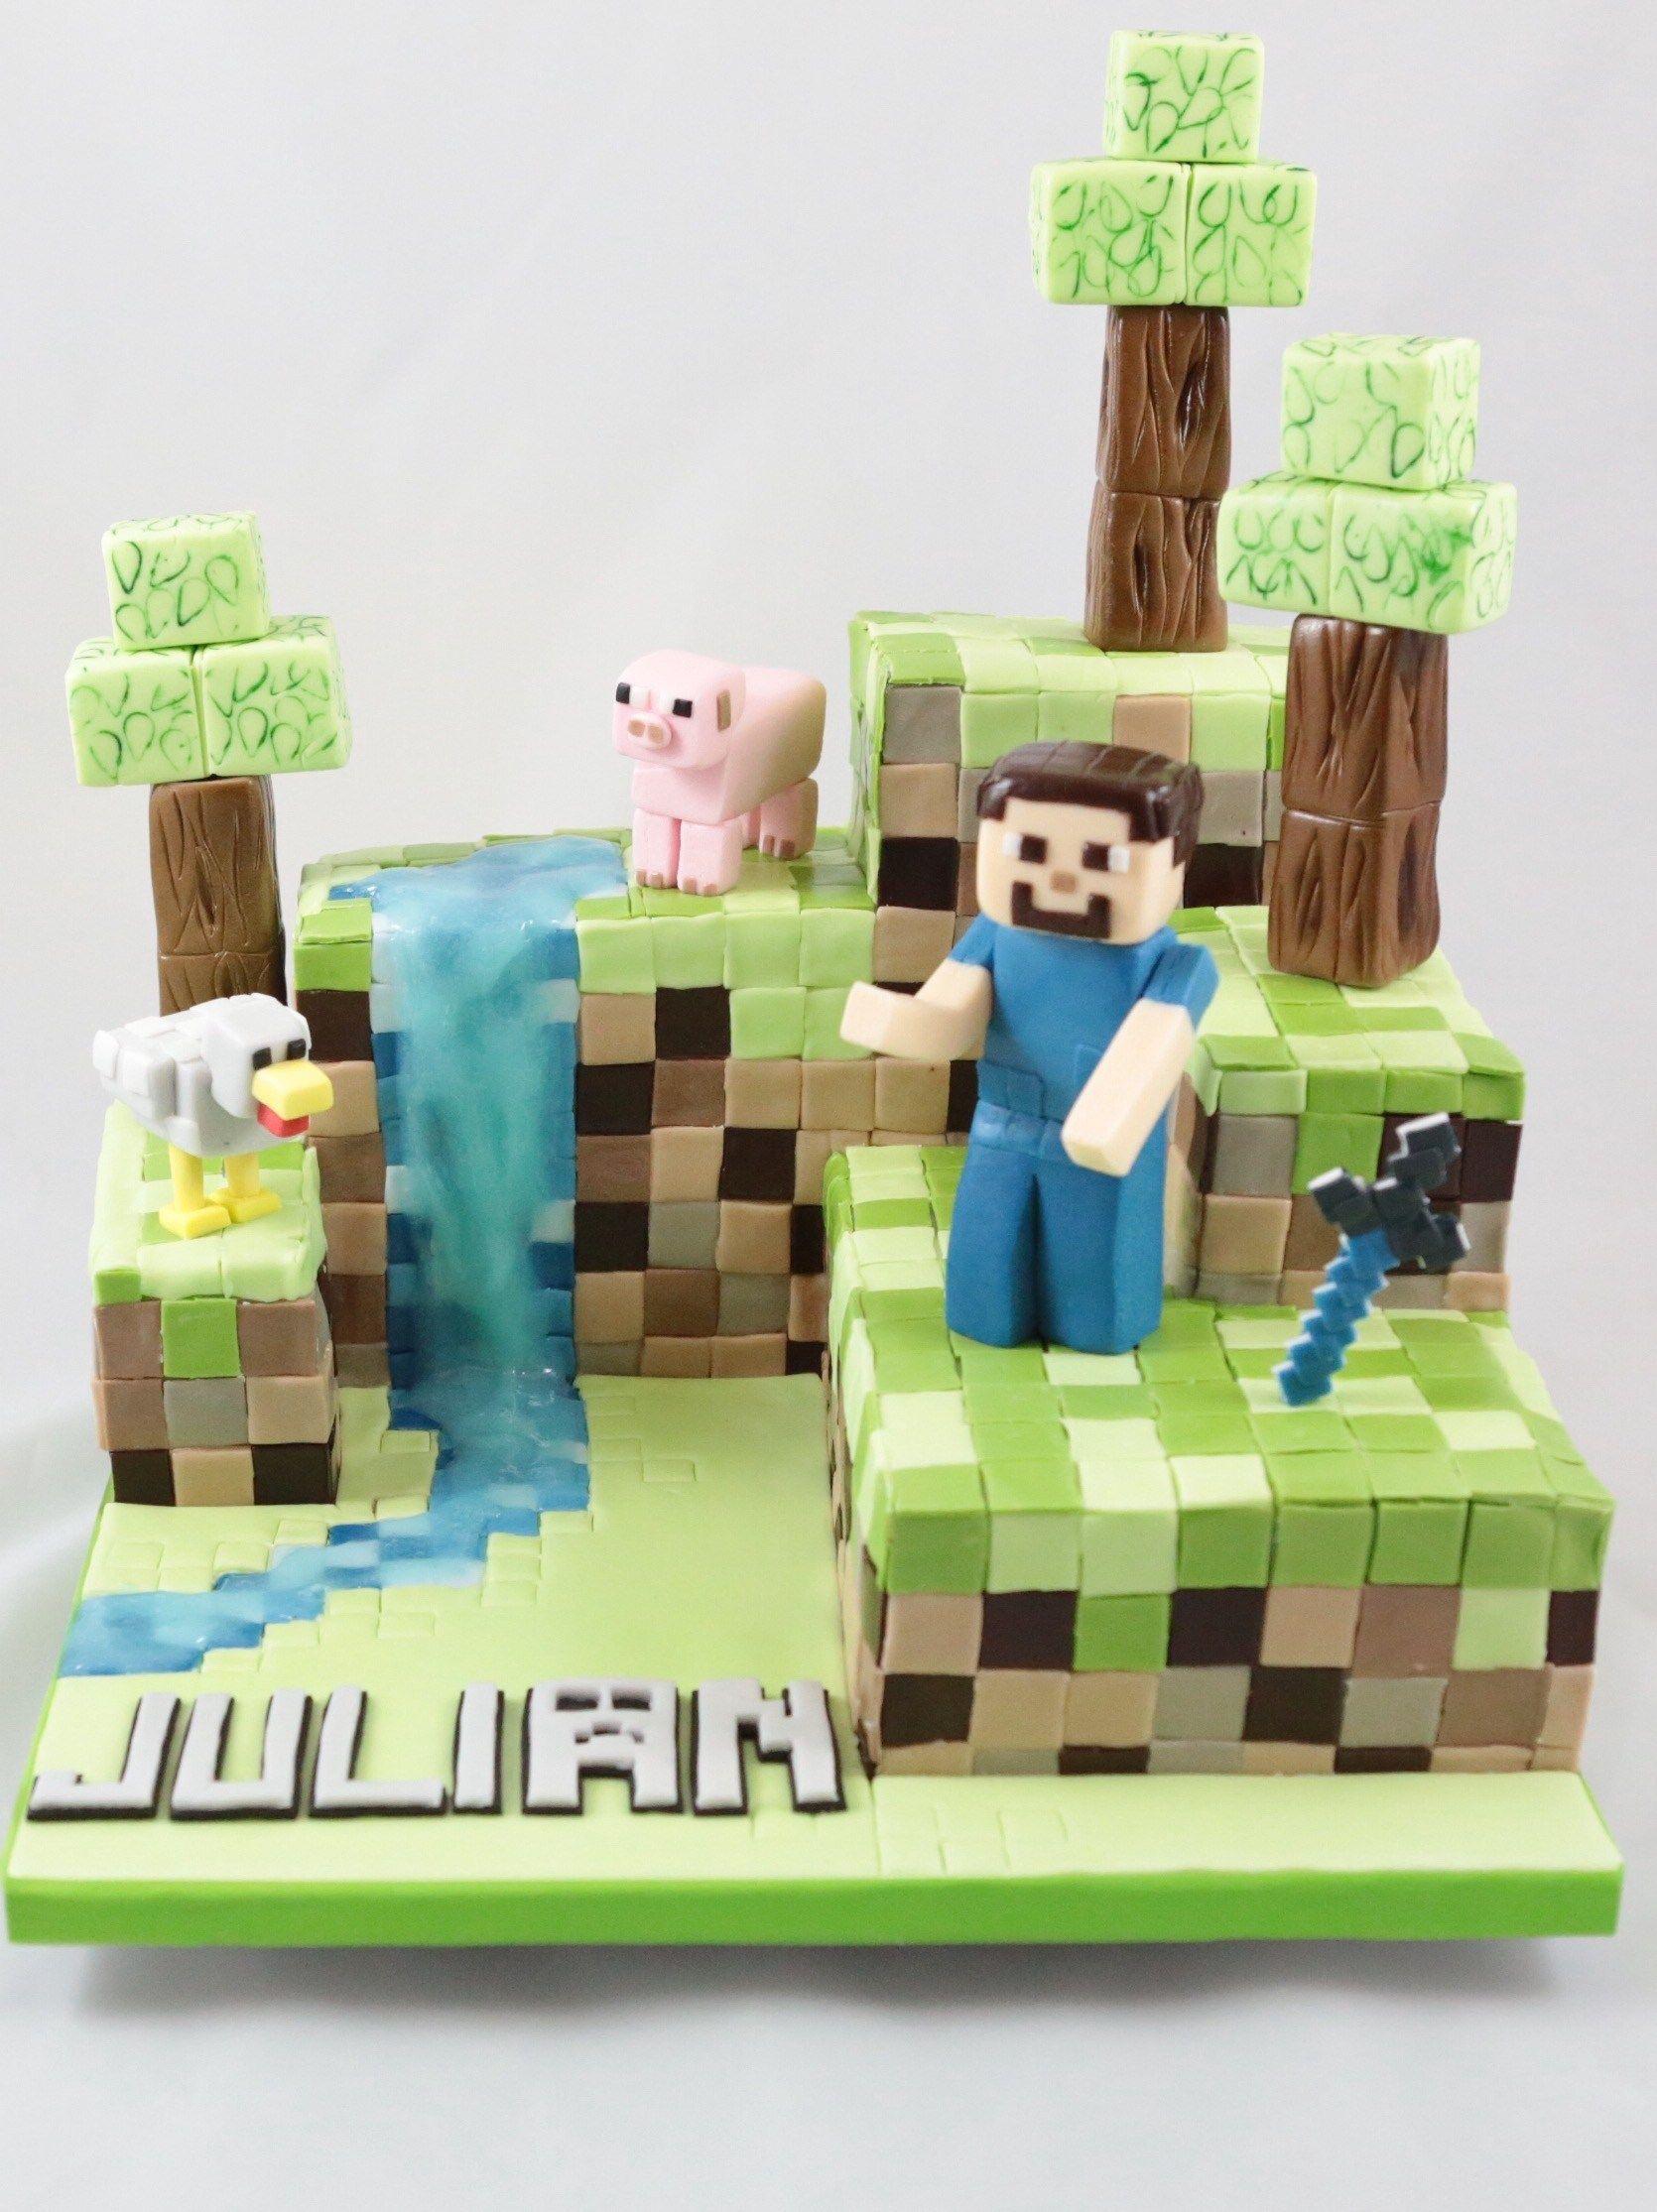 Minecraft Cake Torte Caketopper Figuren Fondant | Leslie's ...